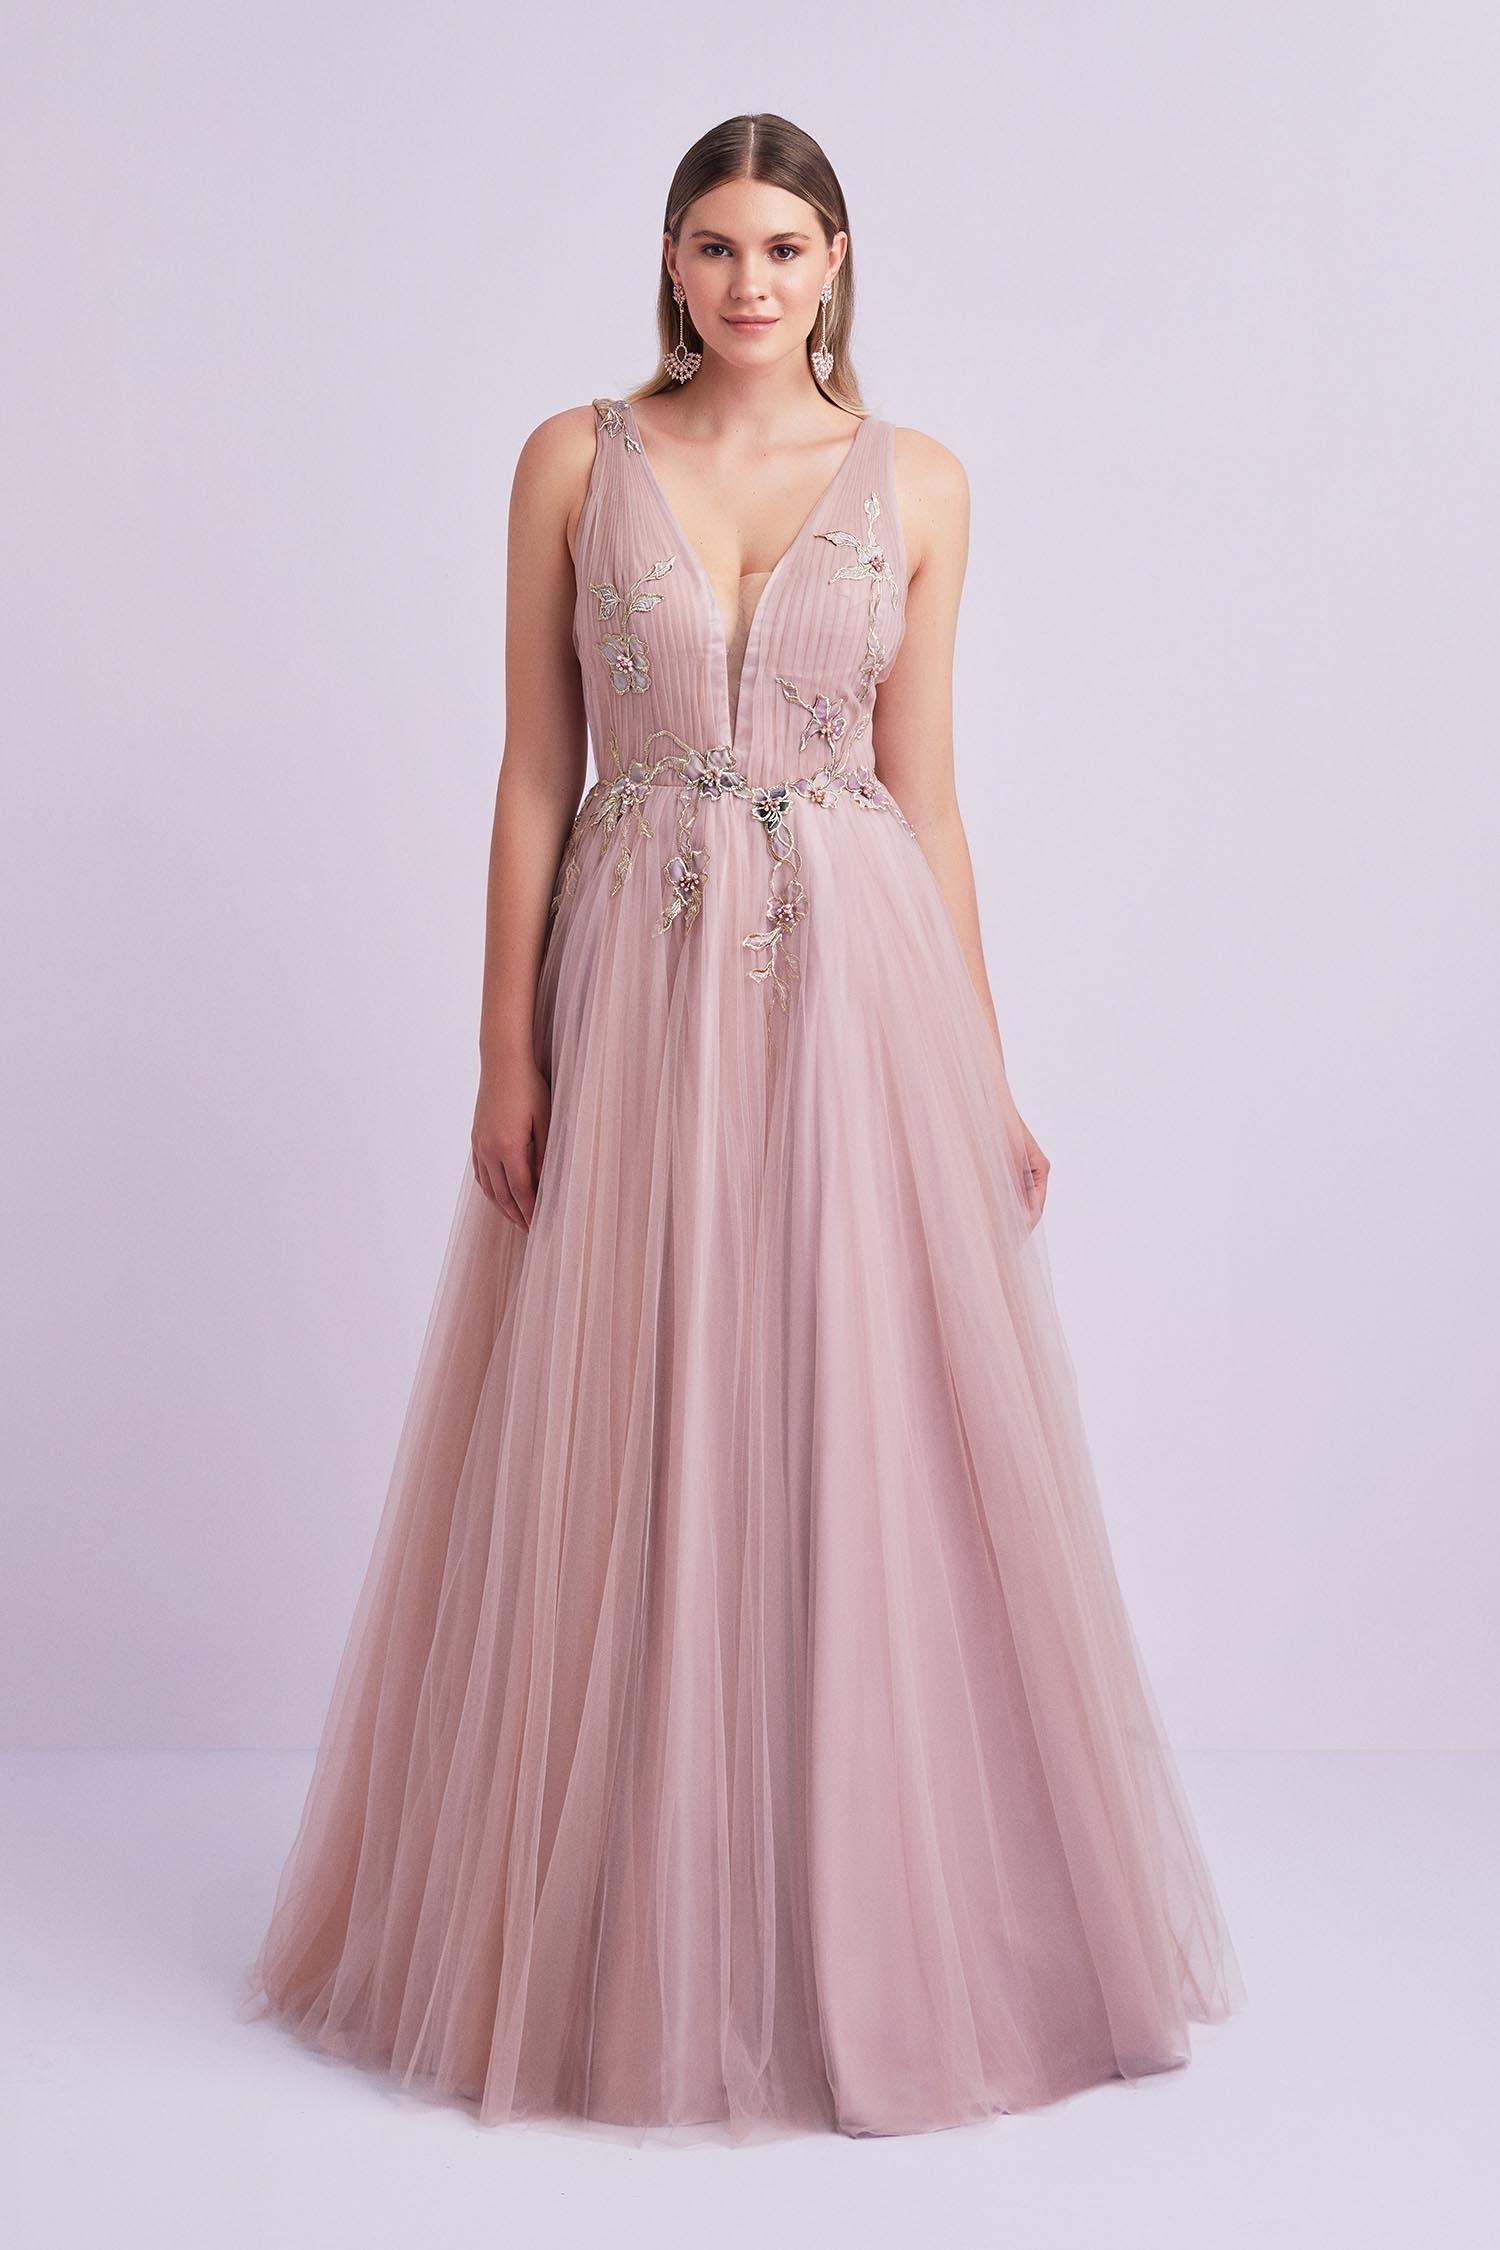 Leylak Rengi Askılı Tül Etekli Uzun Büyük Beden Abiye Elbise - Thumbnail